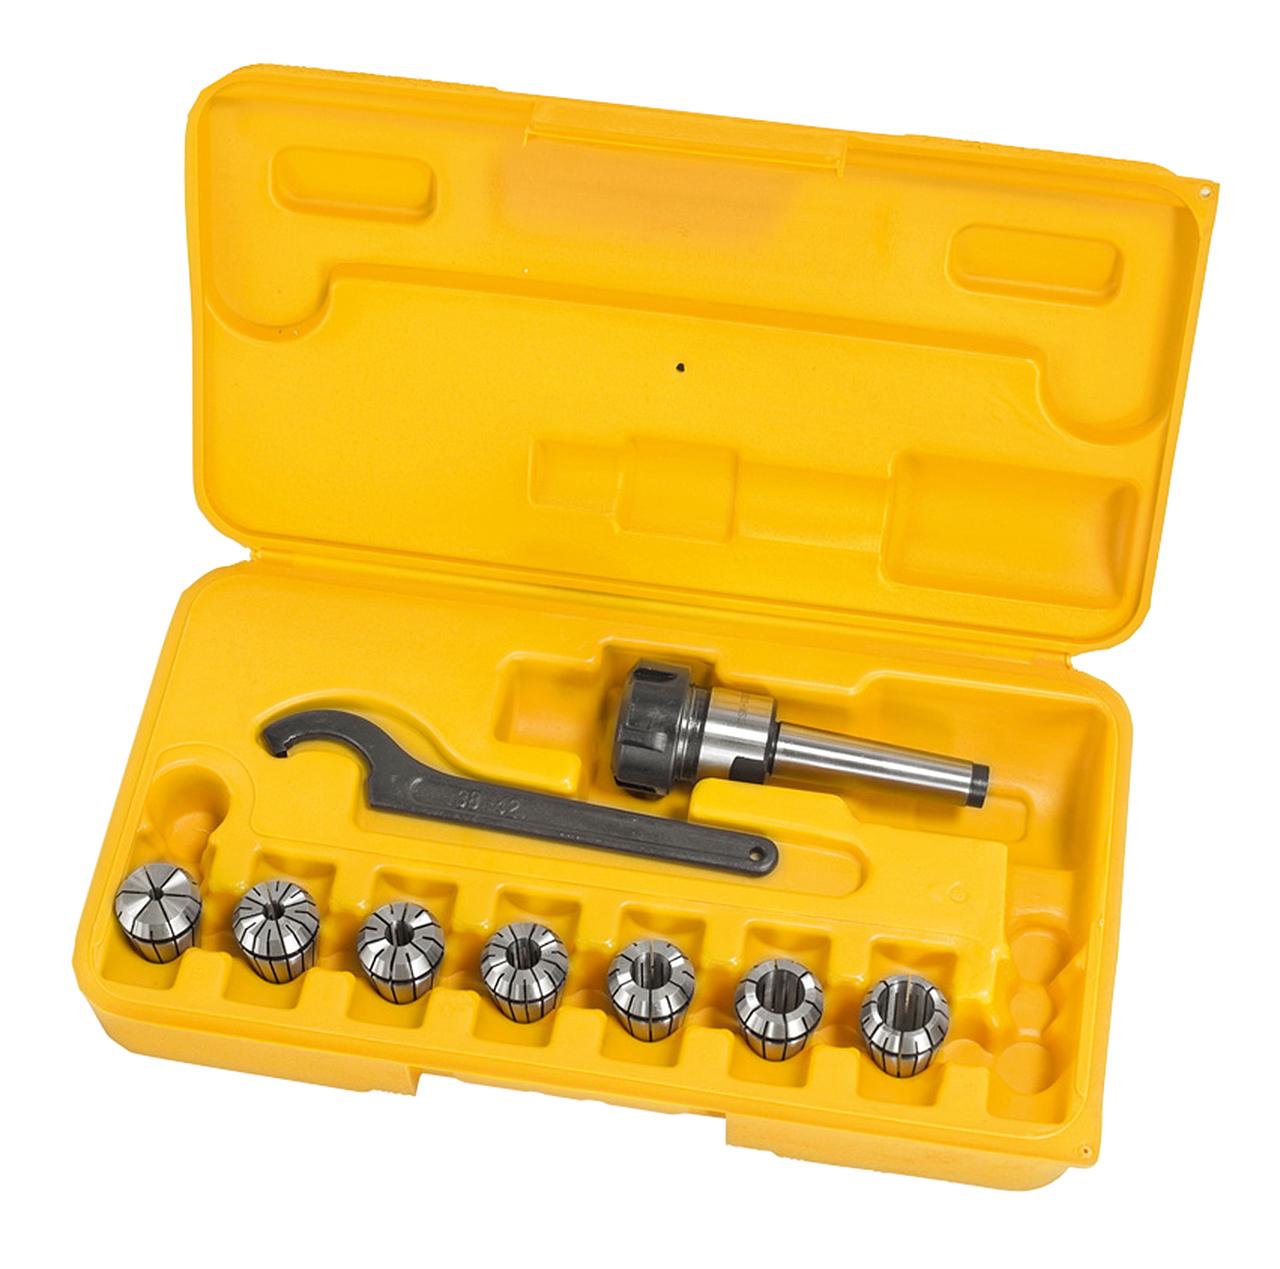 Spændetangssæt ER25, MK 2, 10 stk 3-16mm